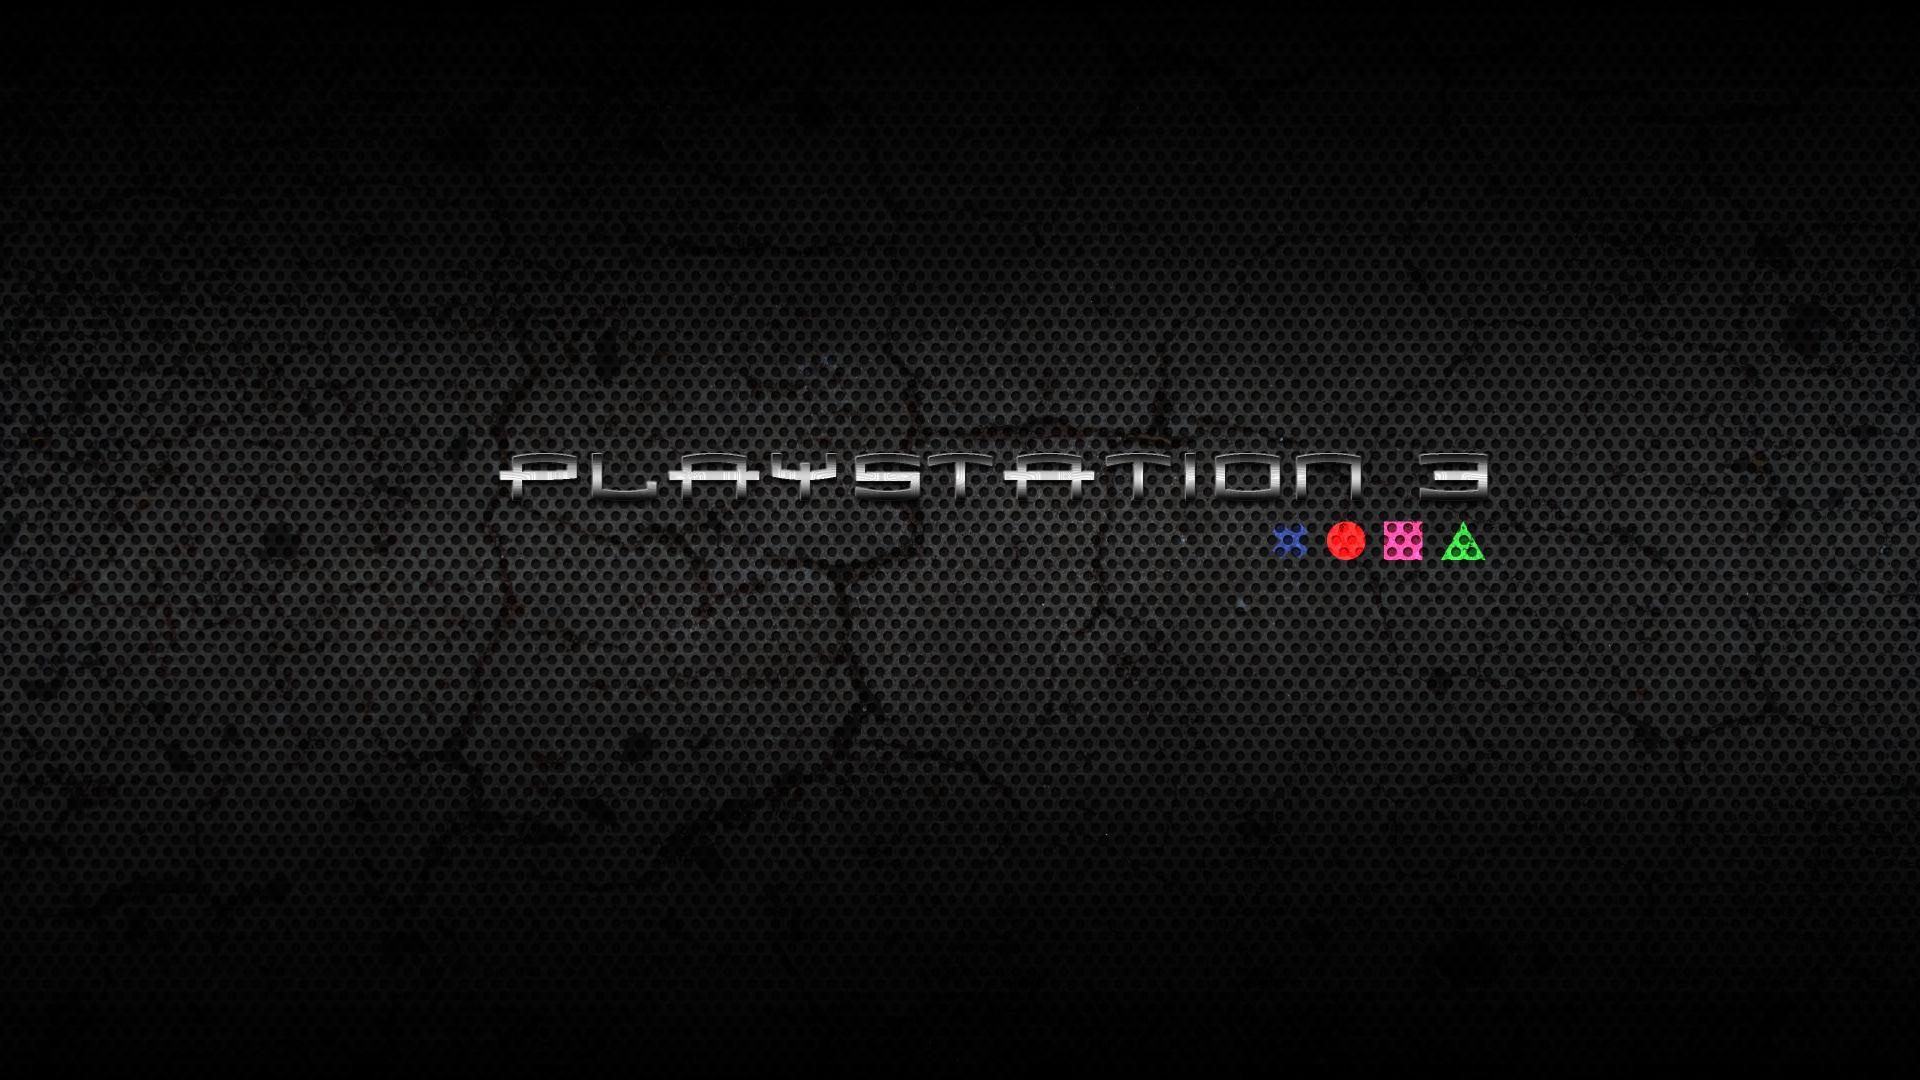 Wallpaper download ps3 - Download Playstation 3 Carbon Wallpaper Hd Wallpaper